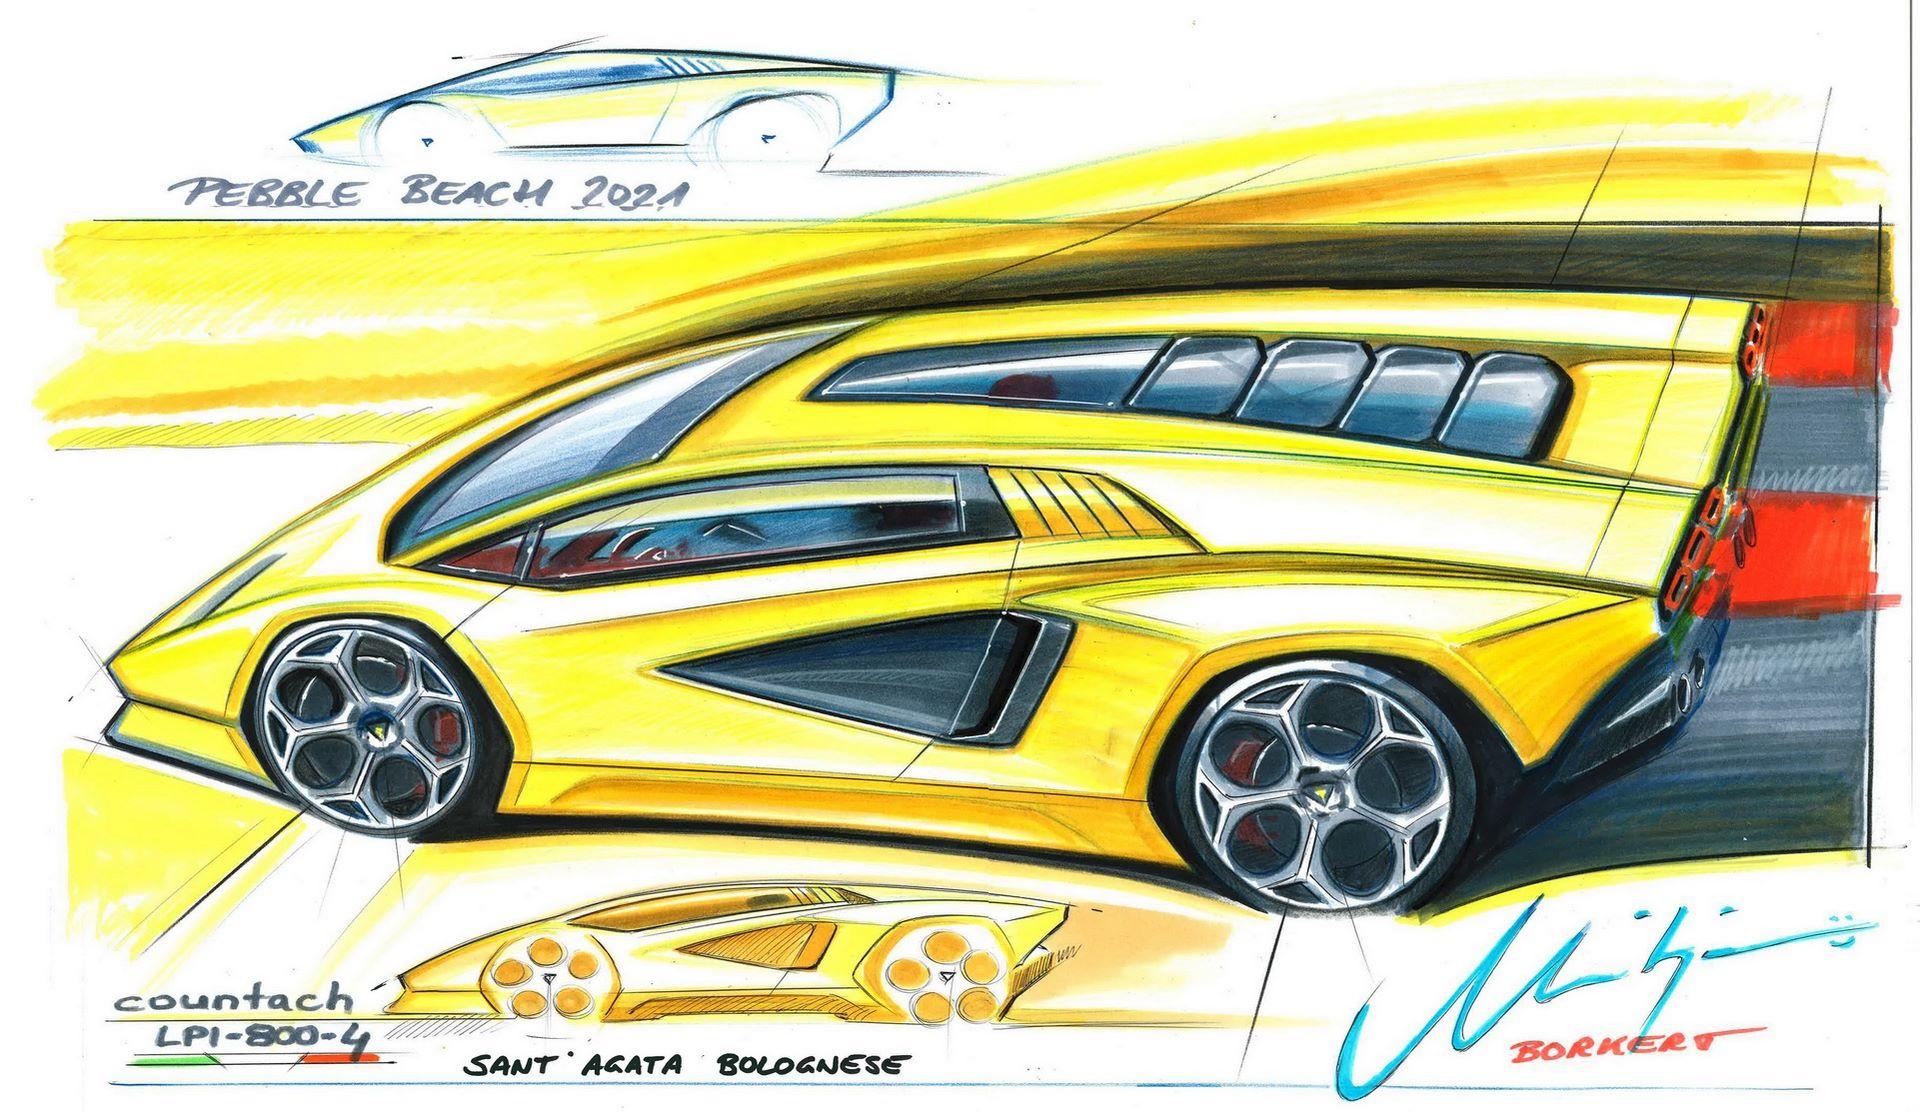 Lamborghini-Countach-LPI-800-4-102